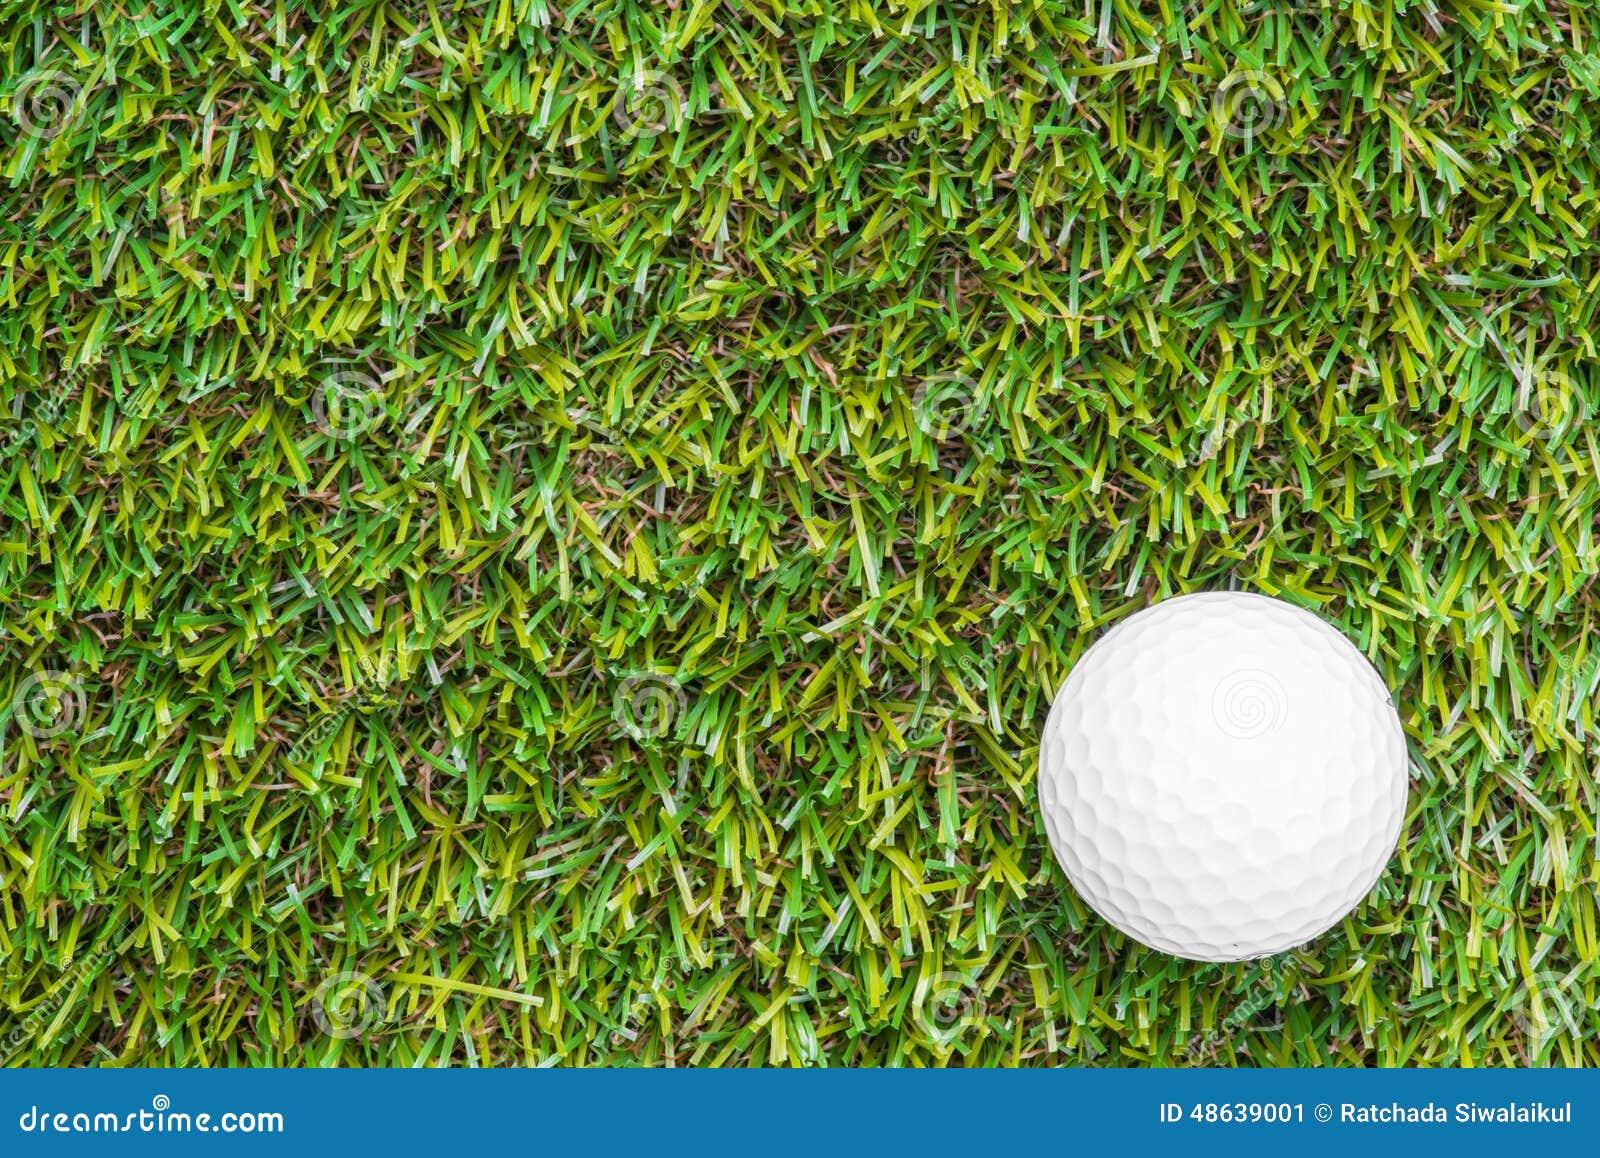 Golfclub und Kugel im Gras